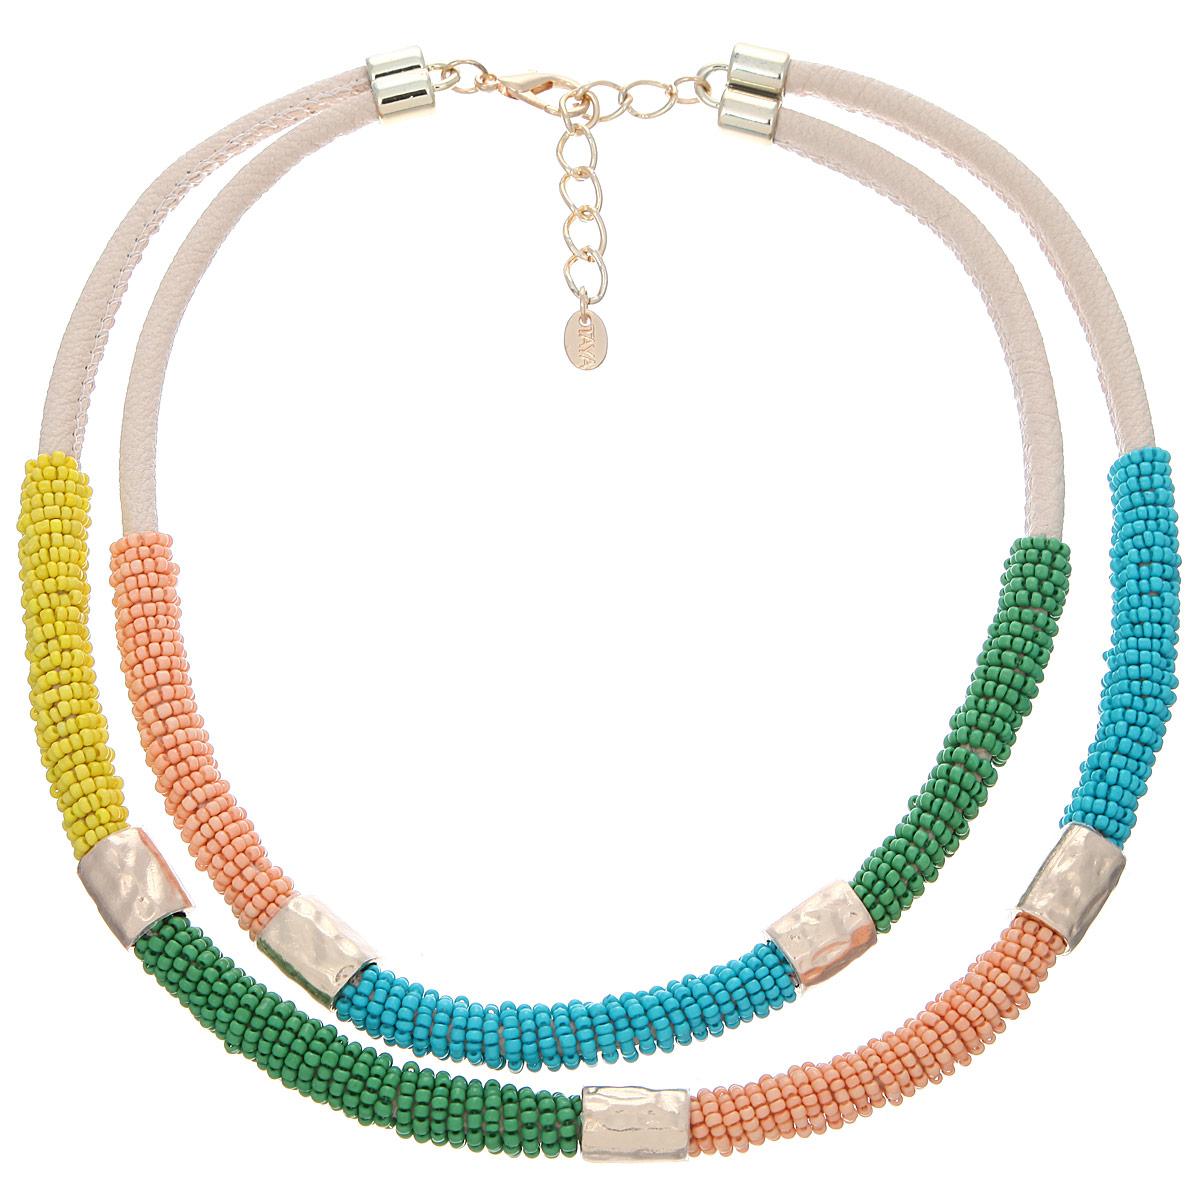 Колье Taya, цвет: мультиколор. T-B-9876T-B-9876-NECK-MULTIЛаконичное, но яркое колье Taya выполнено в виде двух жгутов из экокожи, которые плотно обвиты разноцветными бисерными нитями. Законченность образу добавляют золотистые цилиндрики из мятого металла, которые удачно разграничивают цвета колье. Колье застегивается на застежку-карабин с регулирующей длину цепочкой. Такое украшений поможет вам создать уникальный и запоминающийся образ и позволит выделиться среди окружающих.